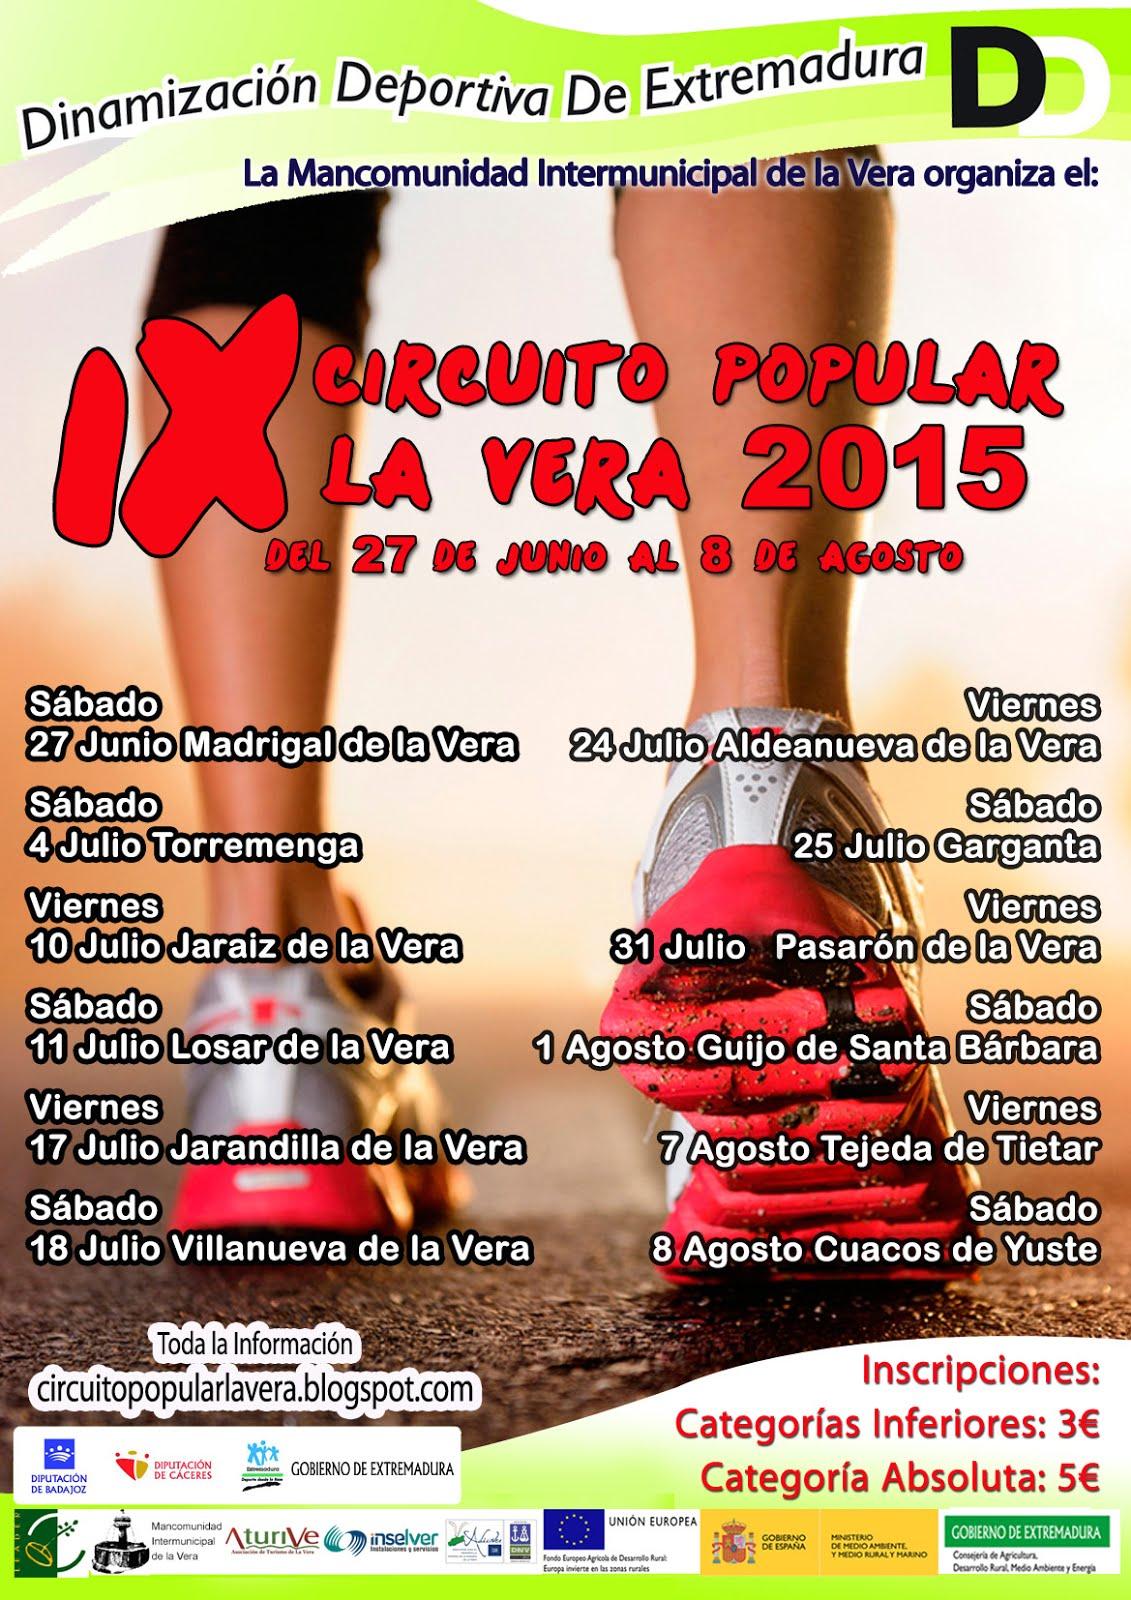 IX Circuito popular La Vera 2015